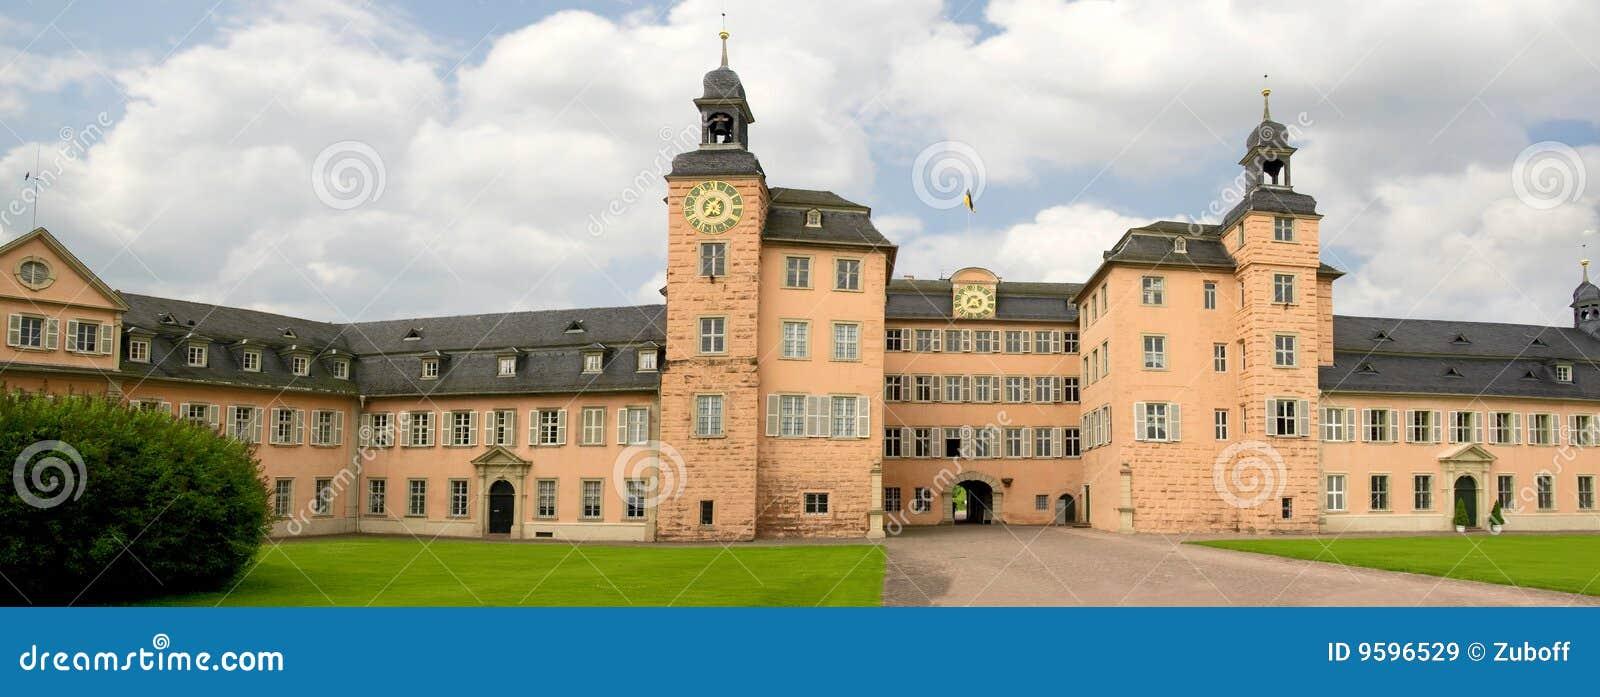 Schwetzingen Castle- Germany